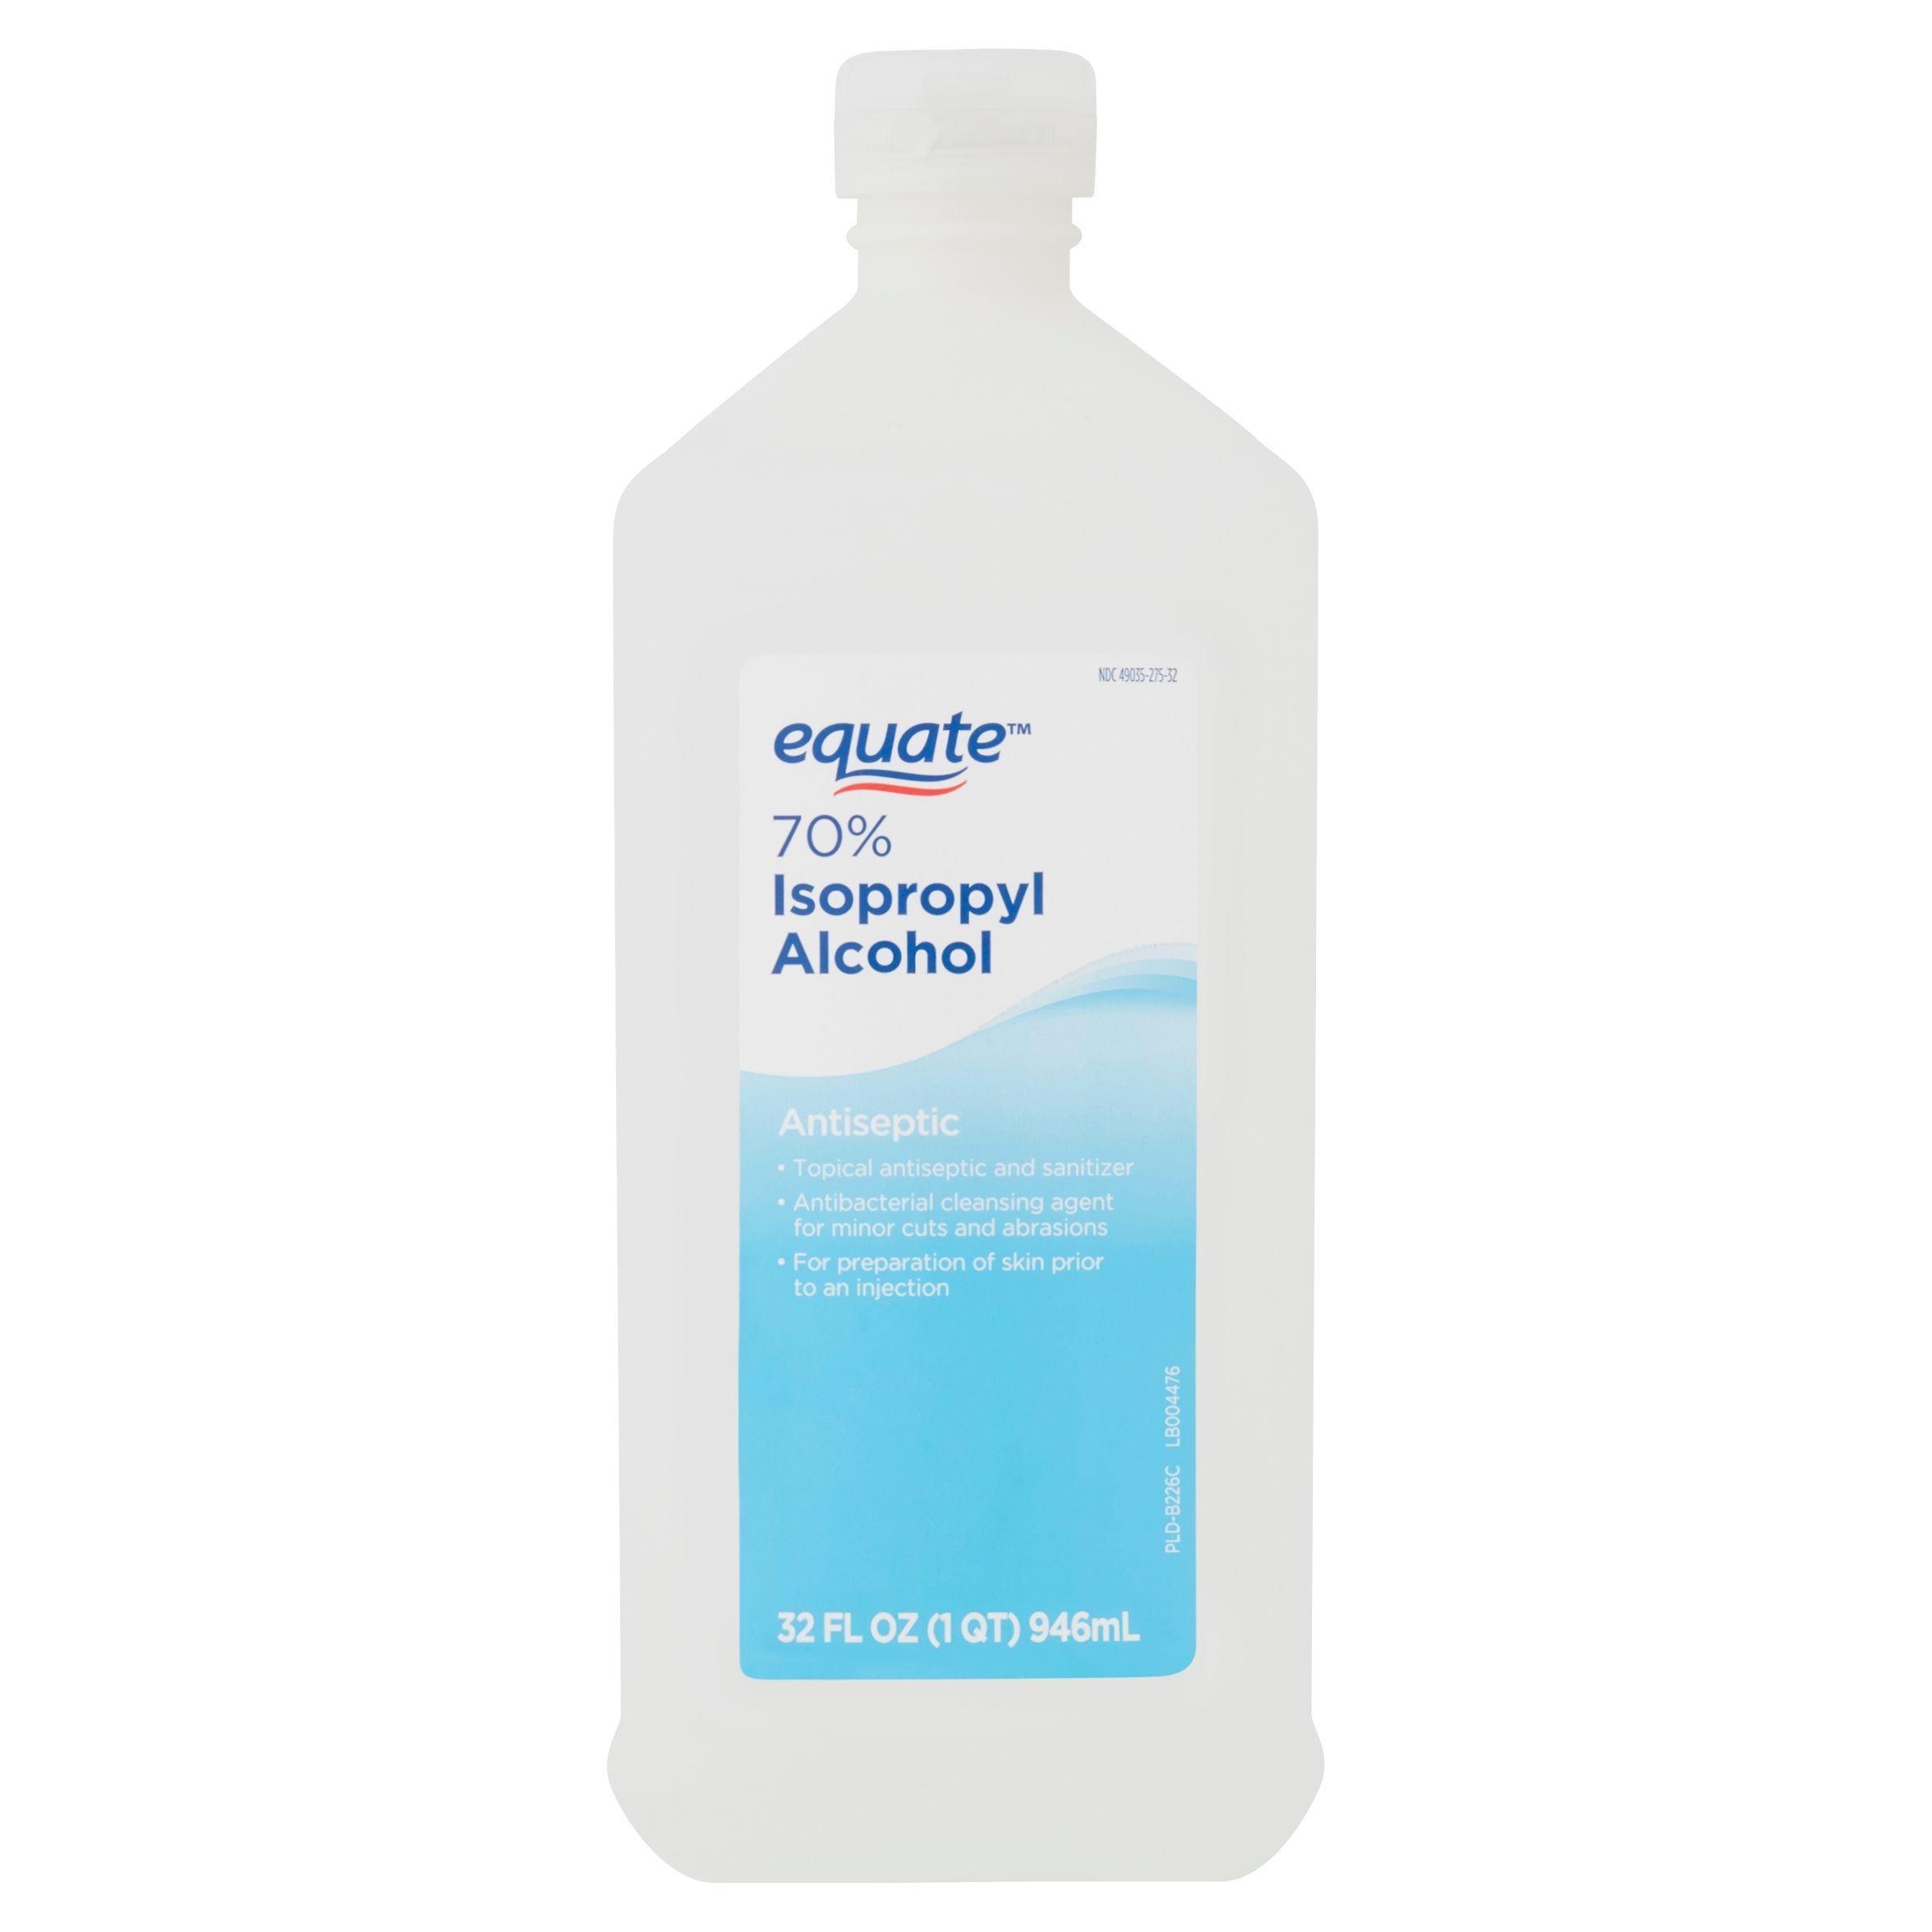 Equate 70% Isopropyl Alcohol Antiseptic, 32 fl oz